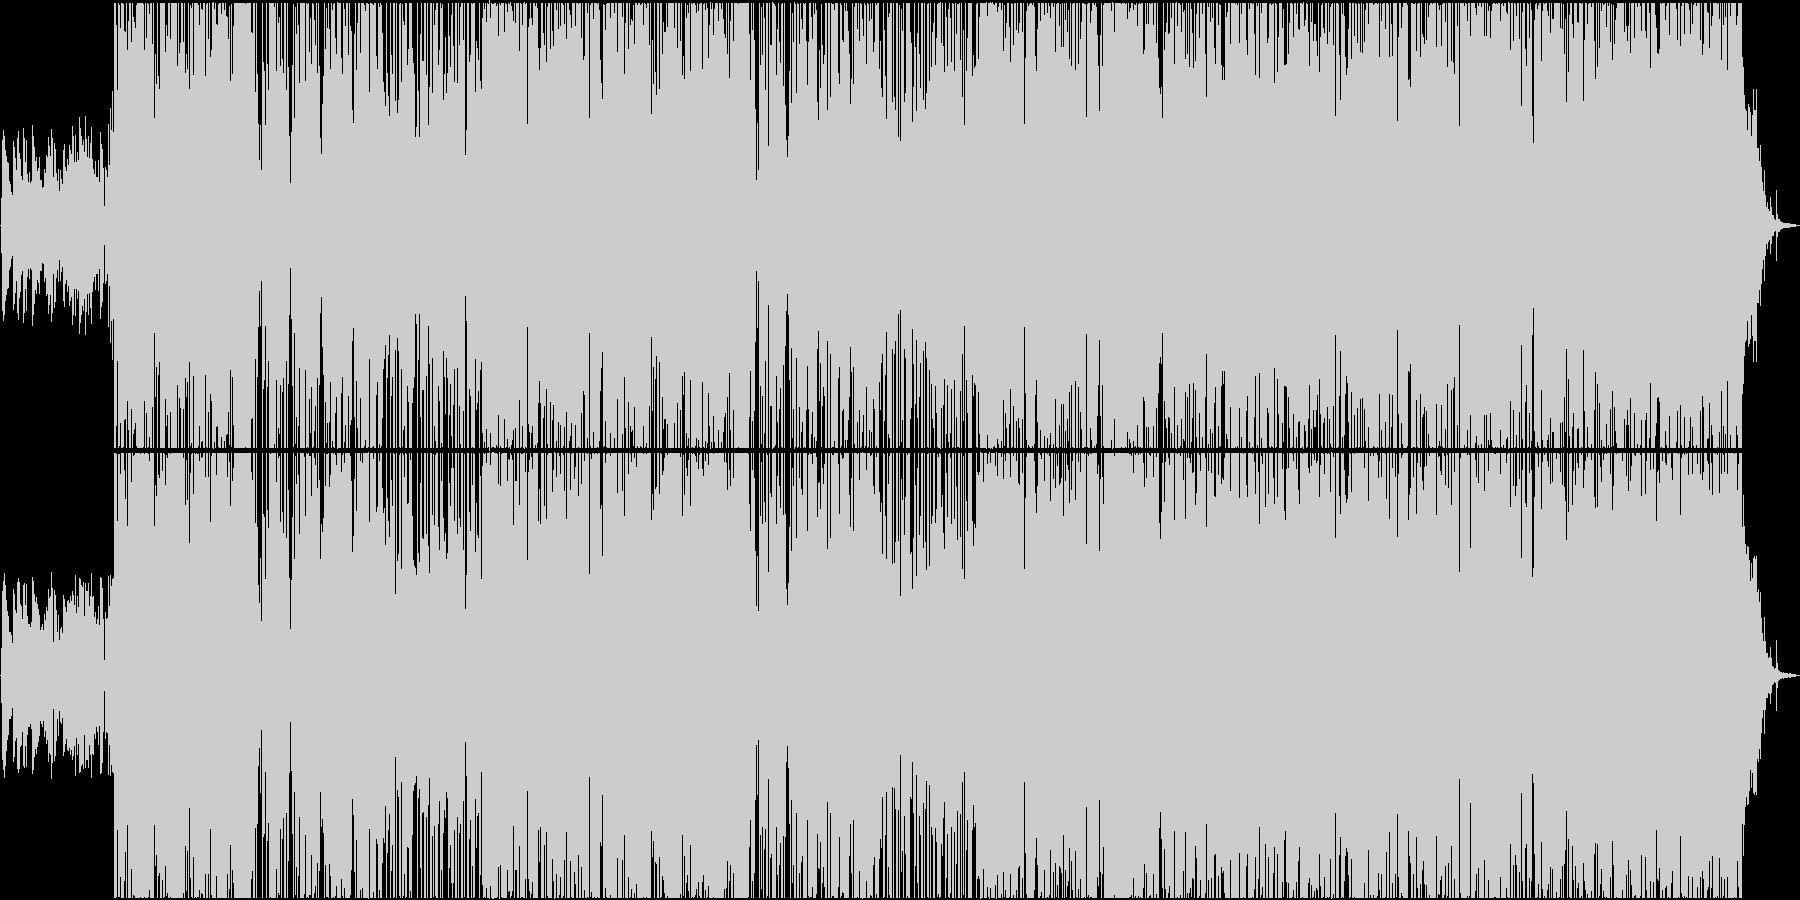 おしゃれで爽やかなドライブミュージックの未再生の波形